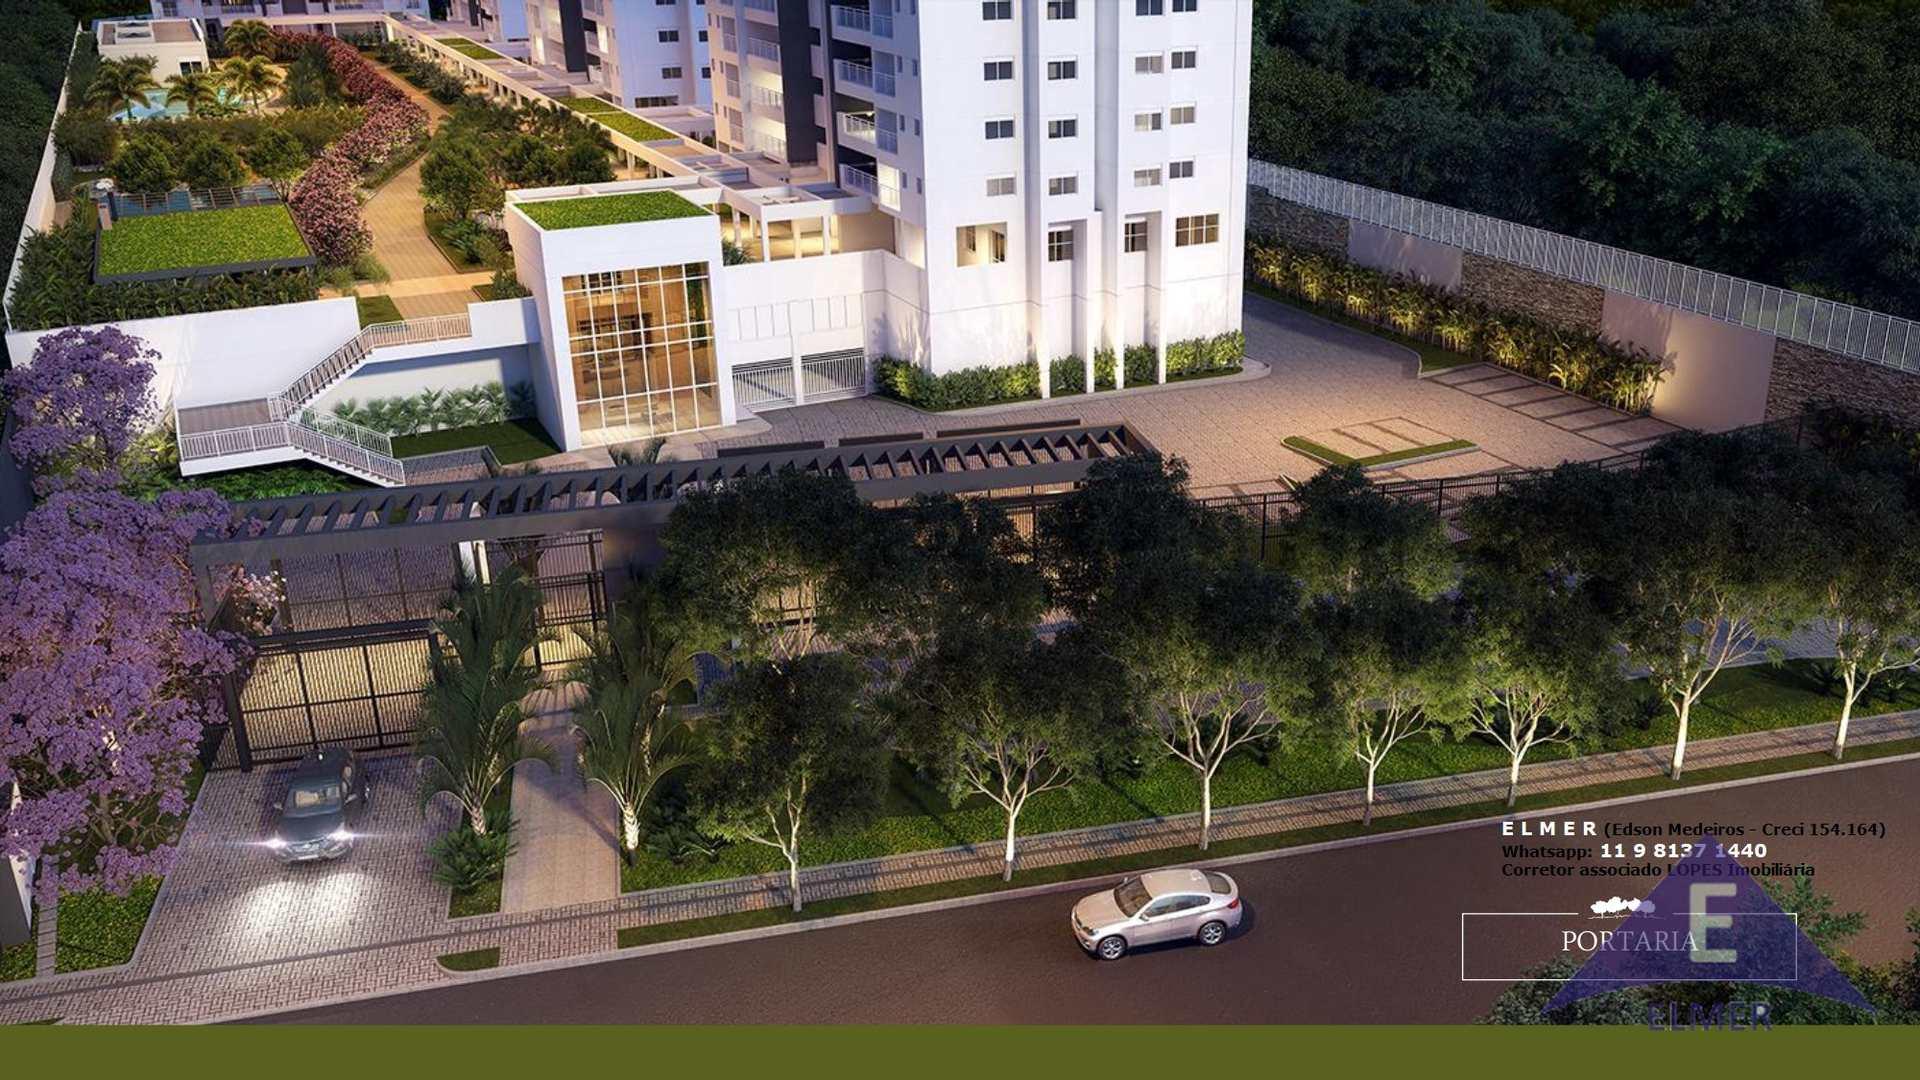 JERIVAS - Caminhos da Lapa - Apartamentos de 105 m2 e 136 m² - 3 e 4 Dormitórios ( 1 e 2 Suítes) - 2 e 3 vagas - Entrega em Dez 2020 e Maio 2021-Poucas unidades